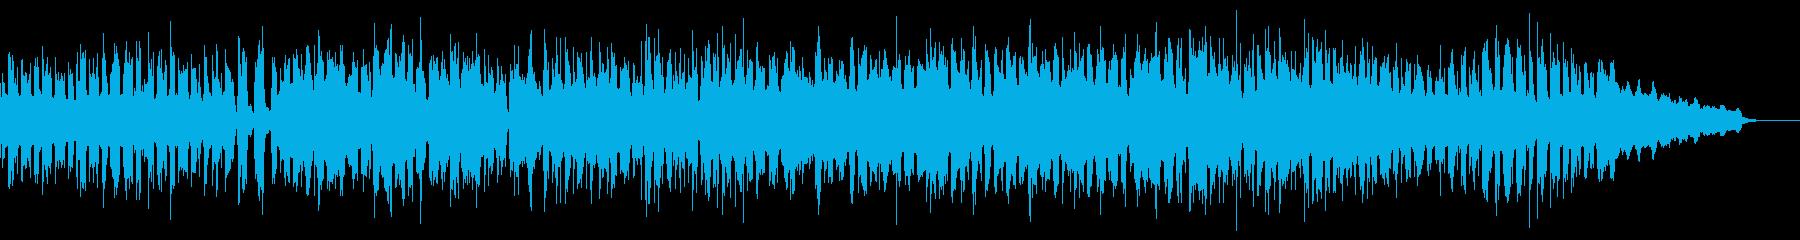 ゲームやビーチのシーンに使えるボサノバの再生済みの波形